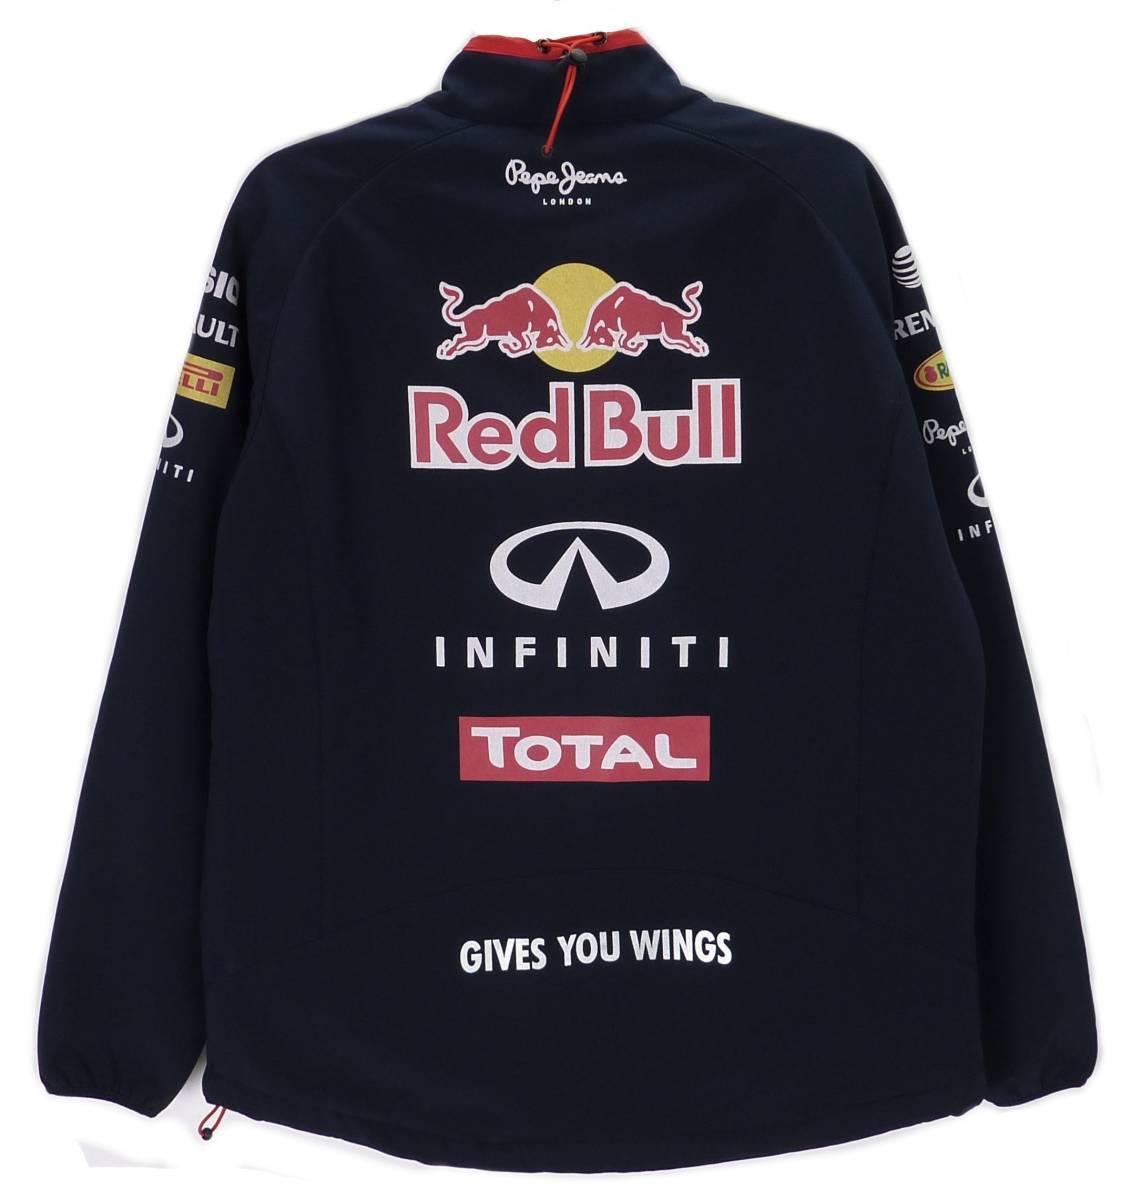 ペペジーンズ Pepe Jeans レッドブル Red bull Racing レーシング OTL2014 刺繍 ジャケット ネイビー(XXL) [並行輸入品]_画像2